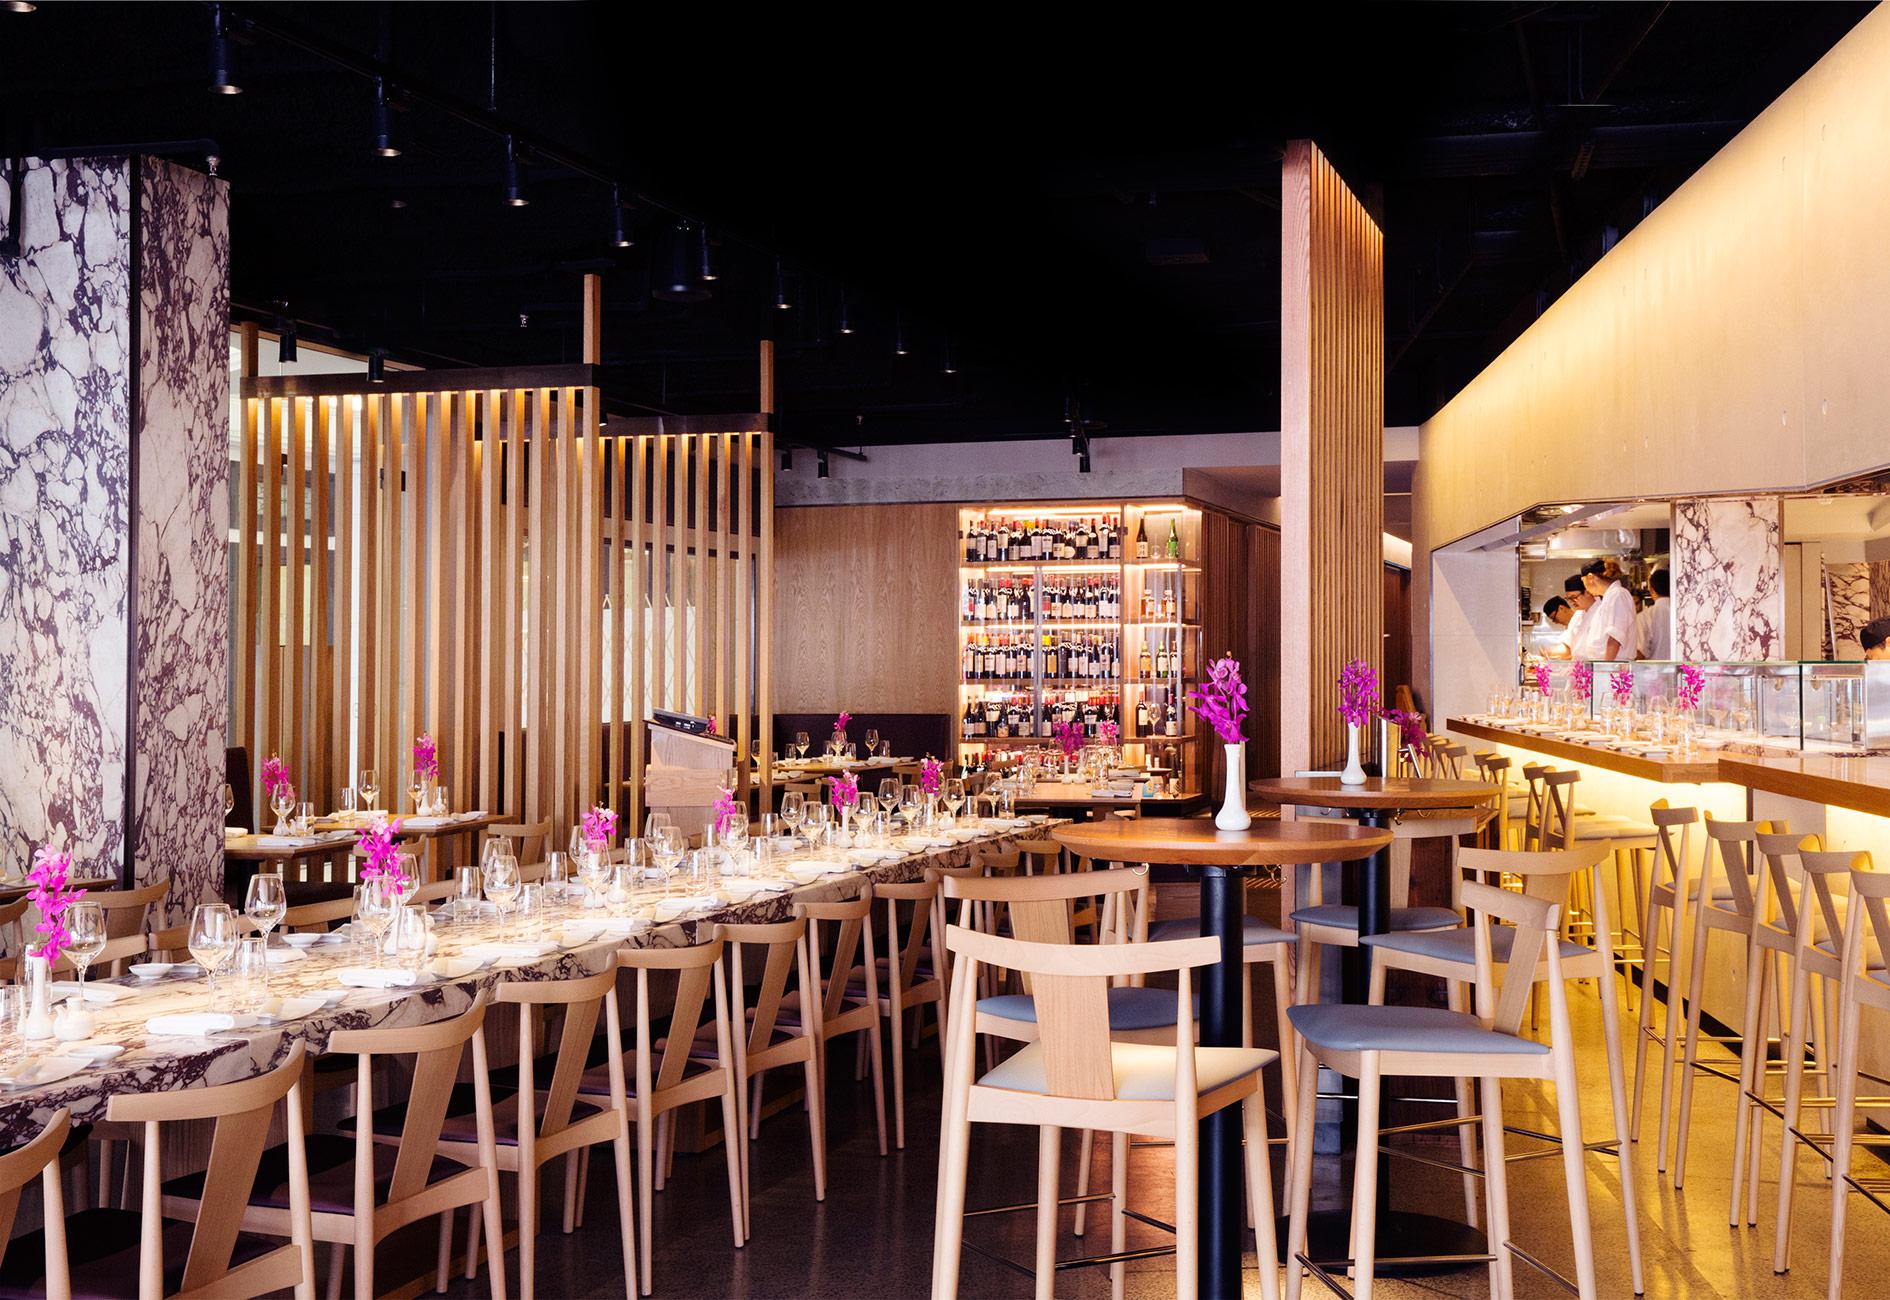 Raise a glass to Saké Restaurant & Bar